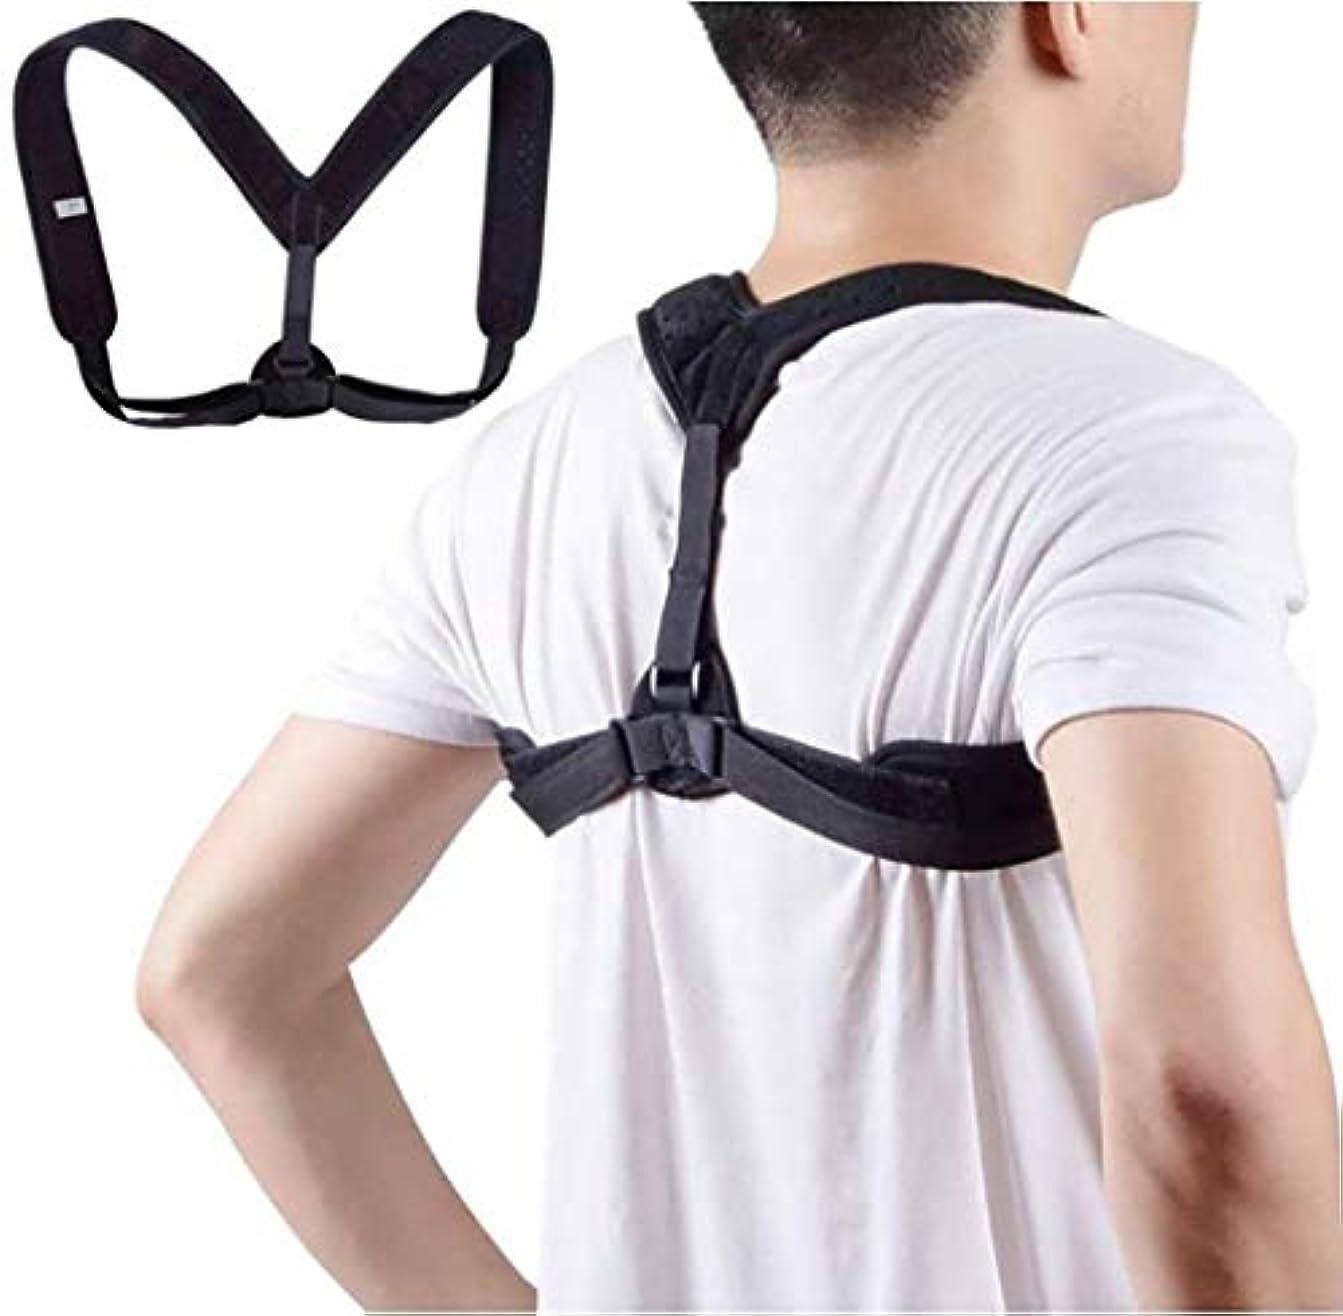 テクスチャーストッキング反乱姿勢矯正ベルト、背部装具、悪い姿勢の改善、気質の改善、調整可能、腰痛緩和のためのダブルストロングスプリント、オフィス学習演習用 (Color : L)